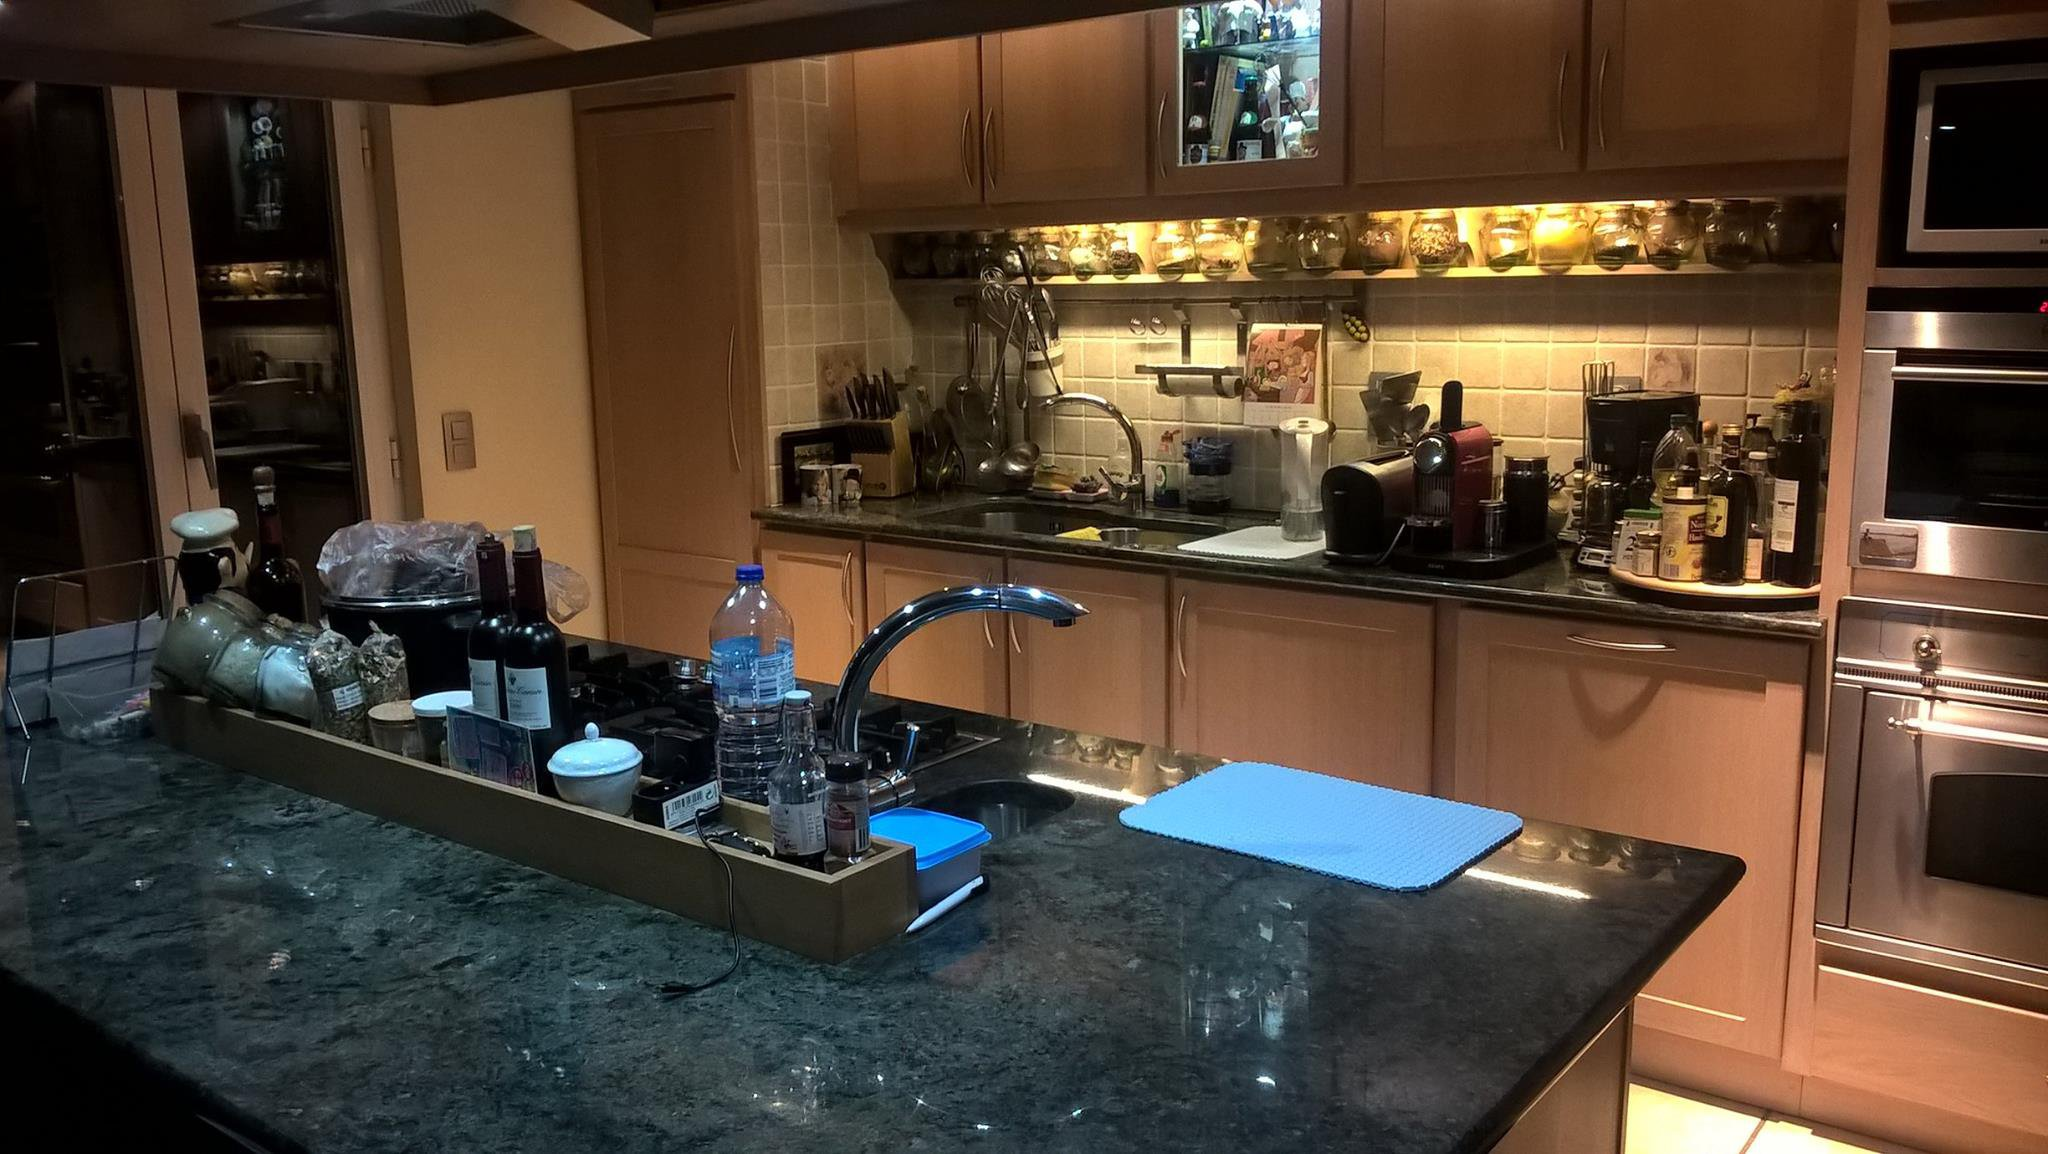 Chef antoine la maison restaurant nivelles 1400 for A la maison restaurant